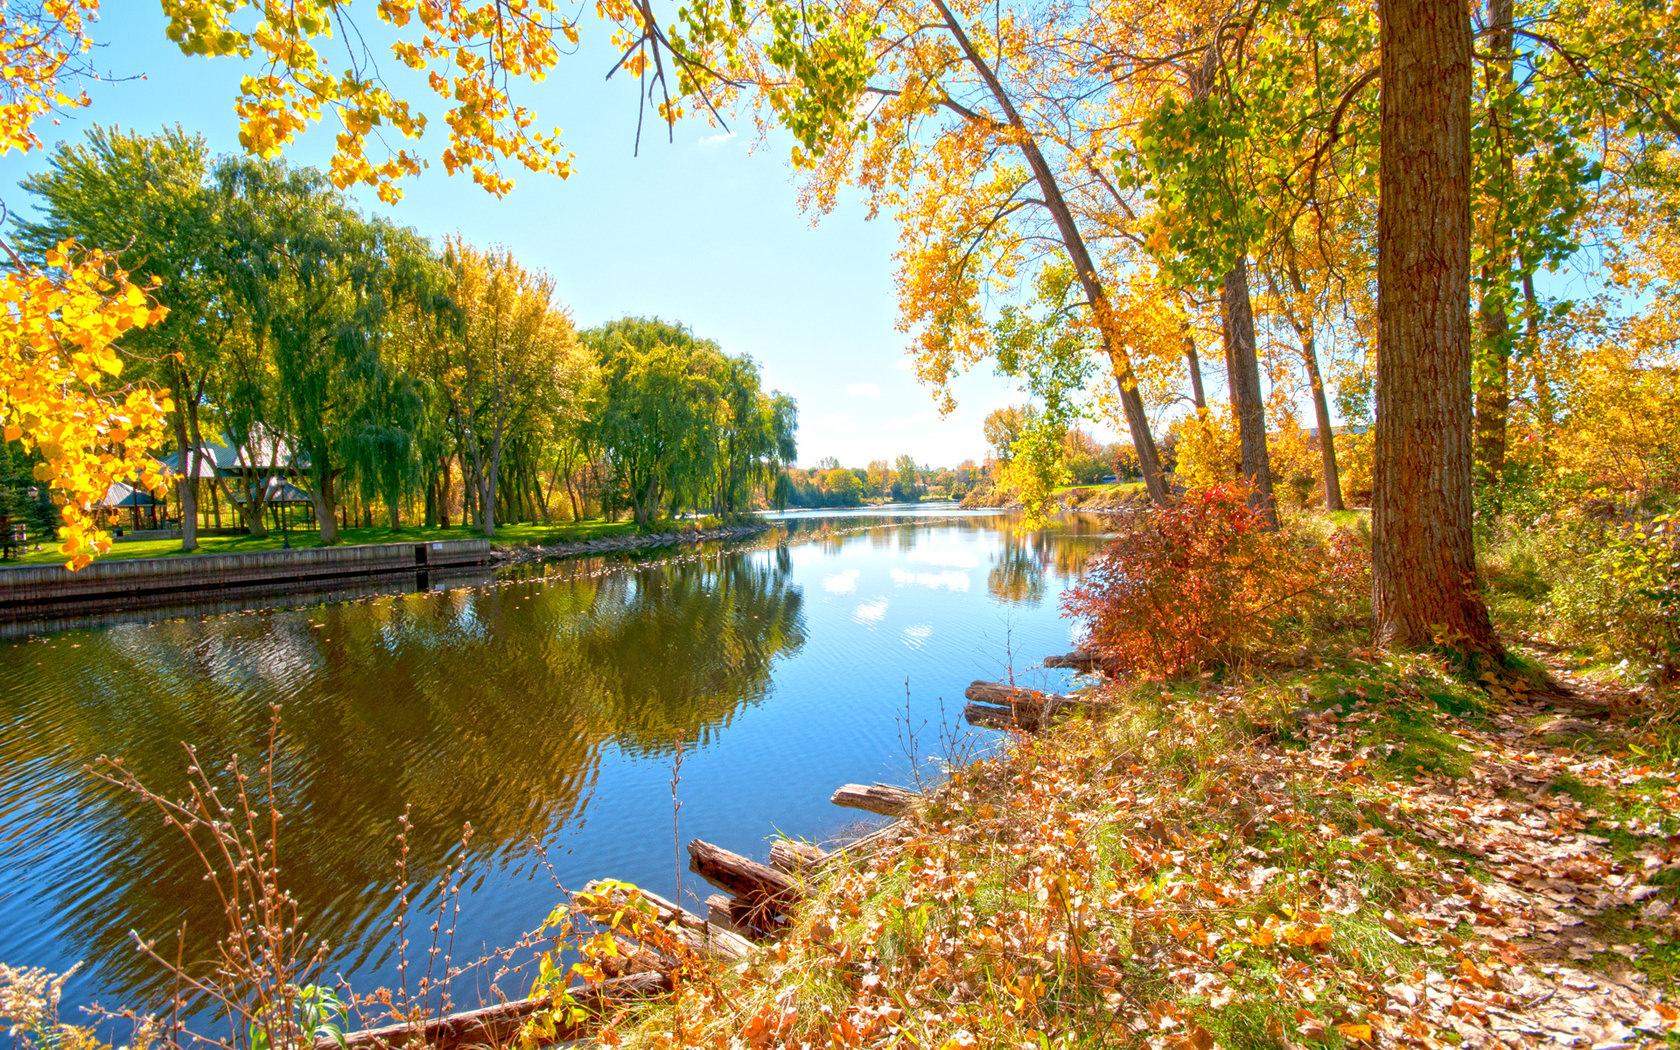 Картинка река в осеннюю пору года обои